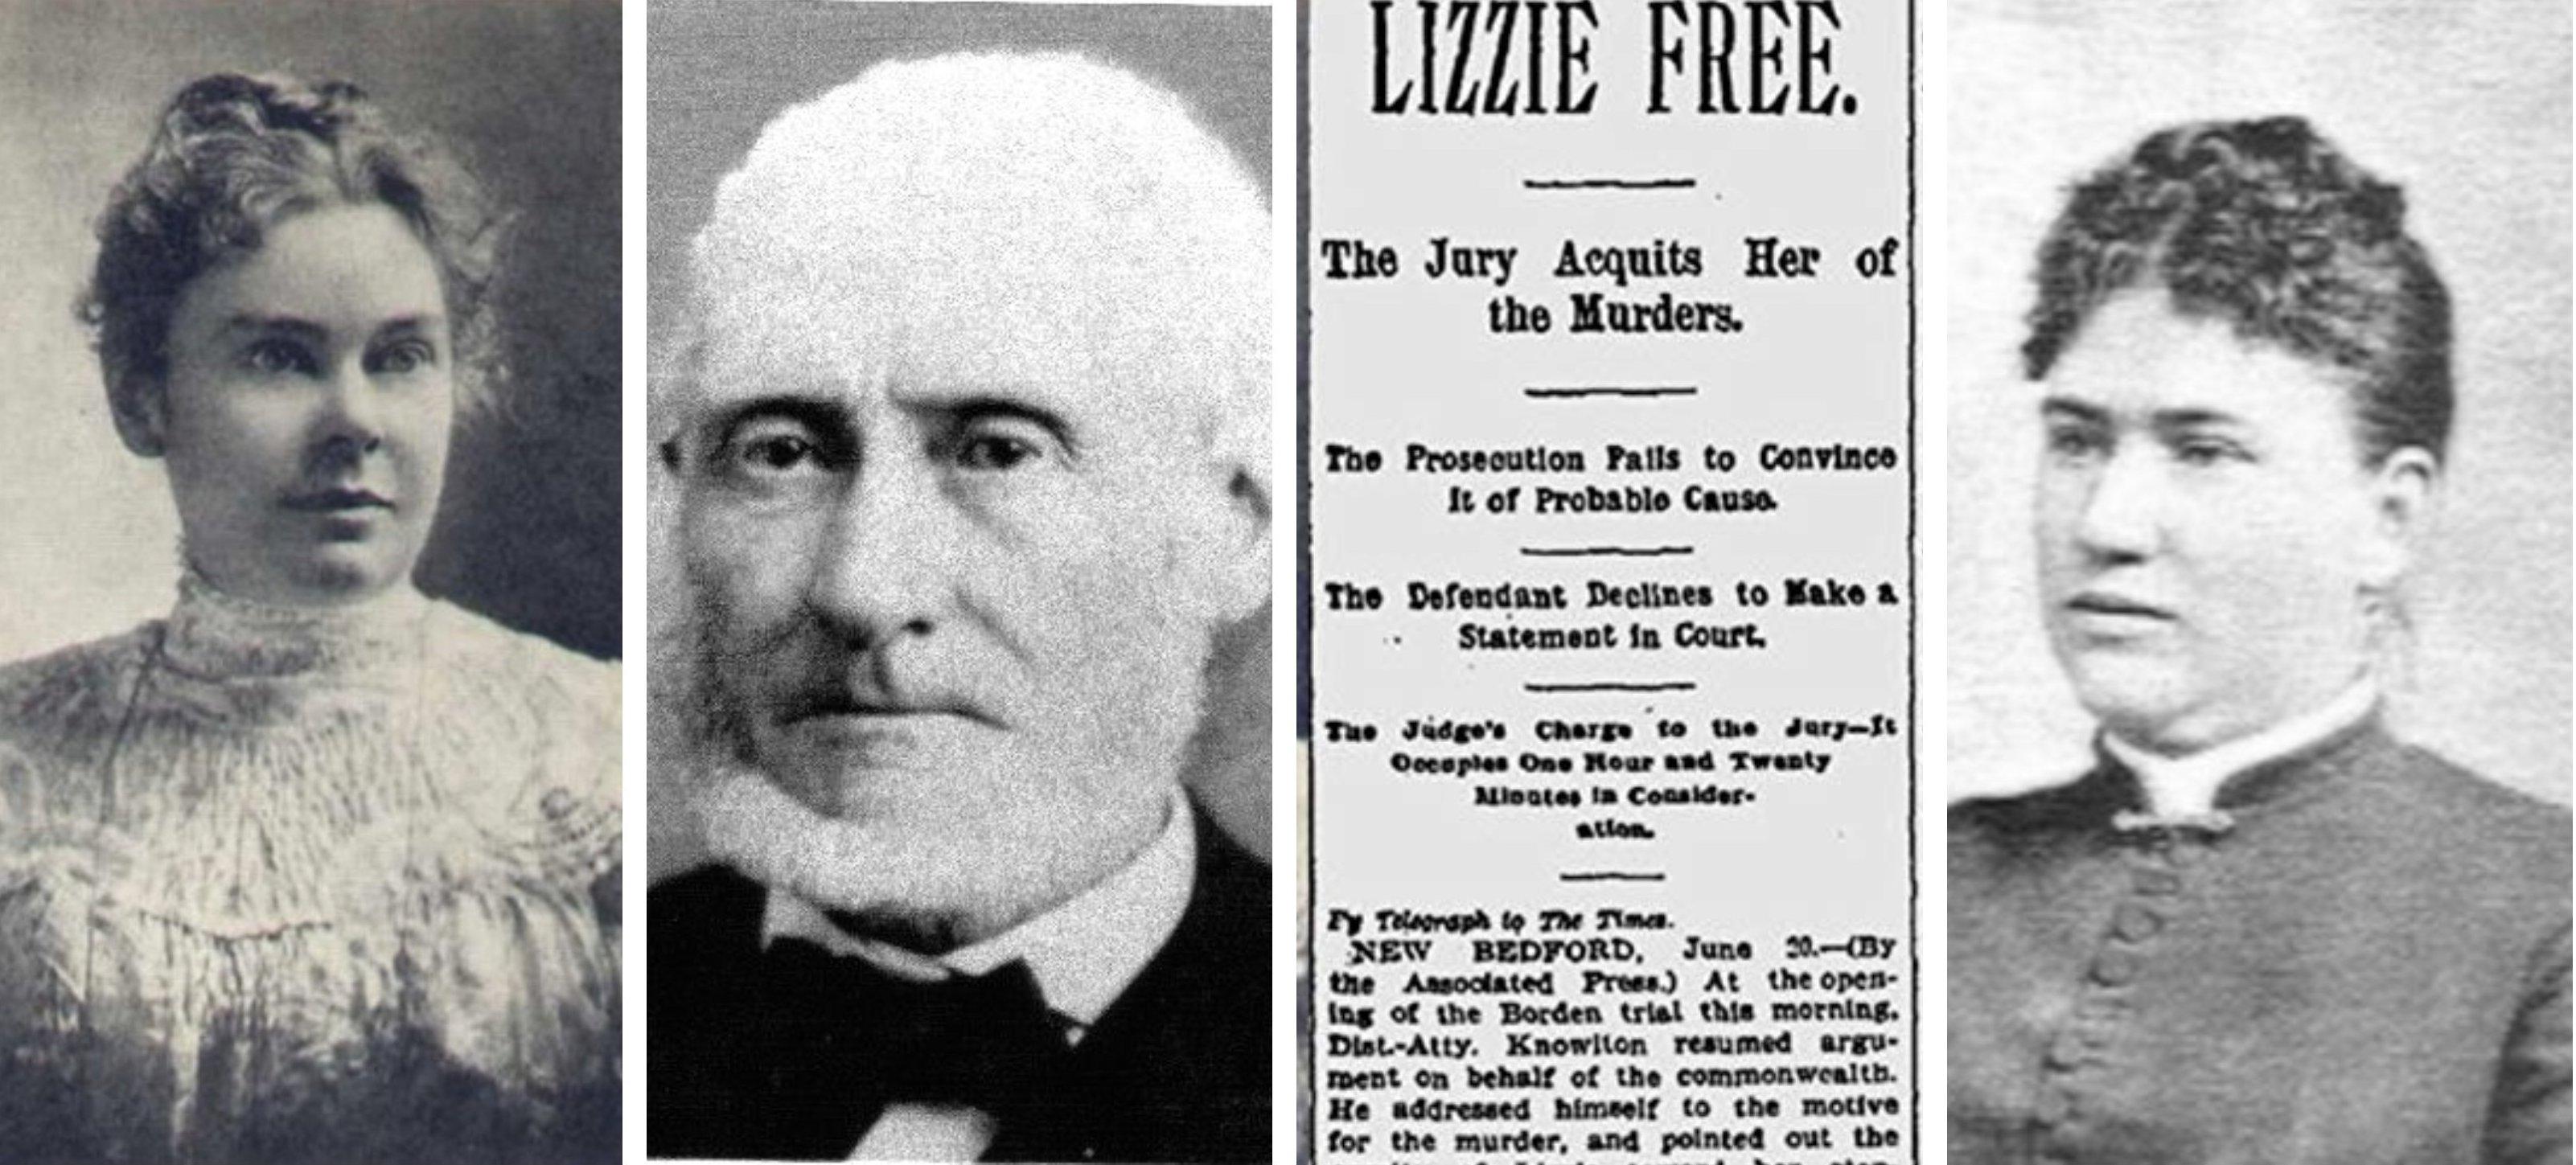 Lizzie Borden featured